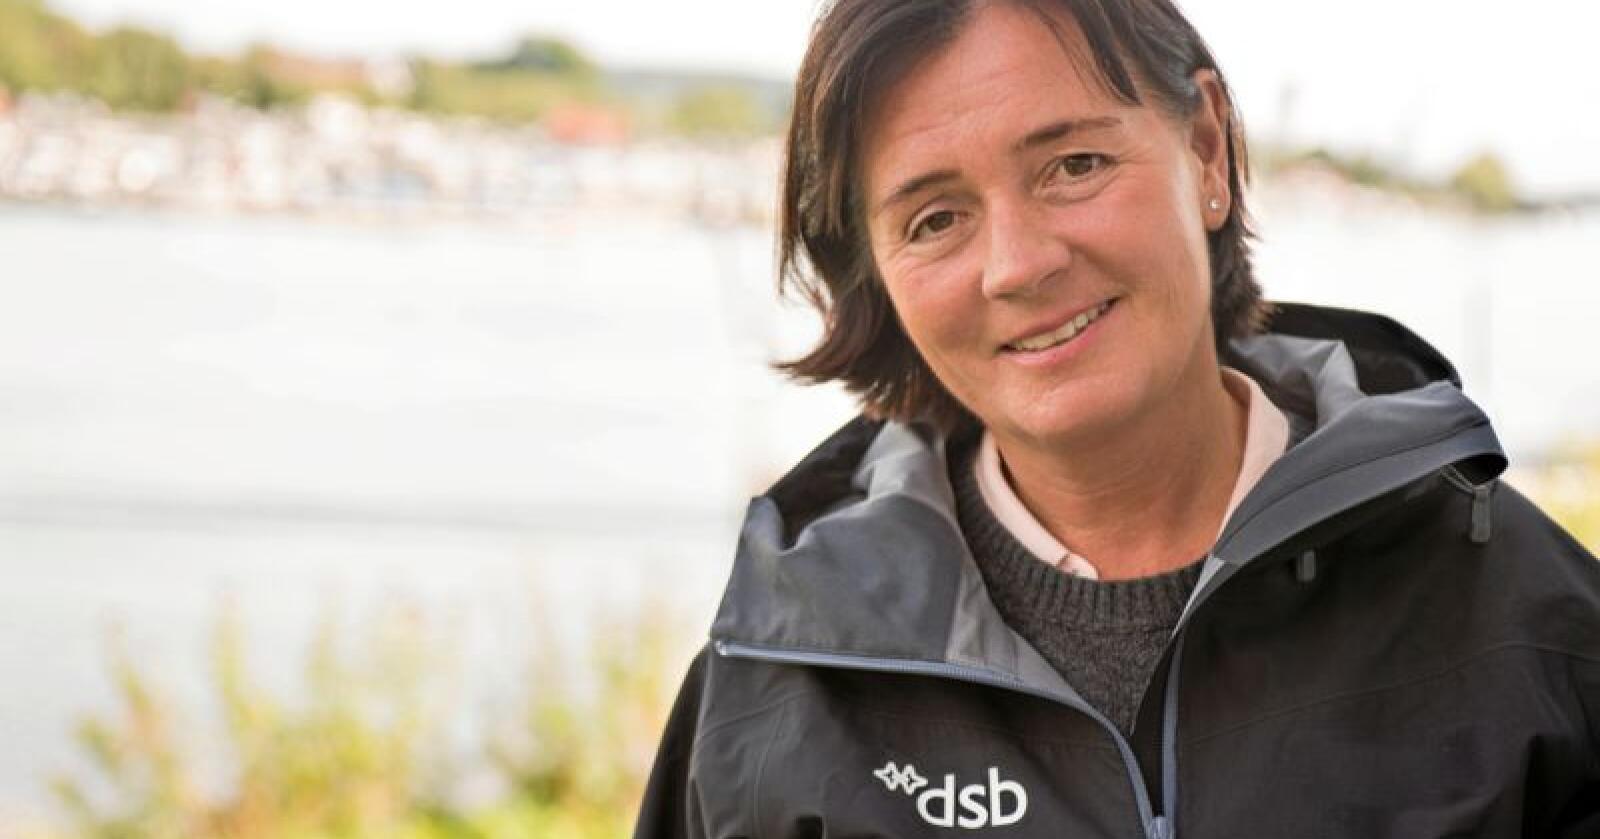 Cecilie Daae, direktør i Direktoratet for samfunnssikkerhet og beredskap håper at beredskapsuka 2019 vil gjøre befolkninga mer rusta i krisesituasjoner. Foto: Yann Aker/DSB